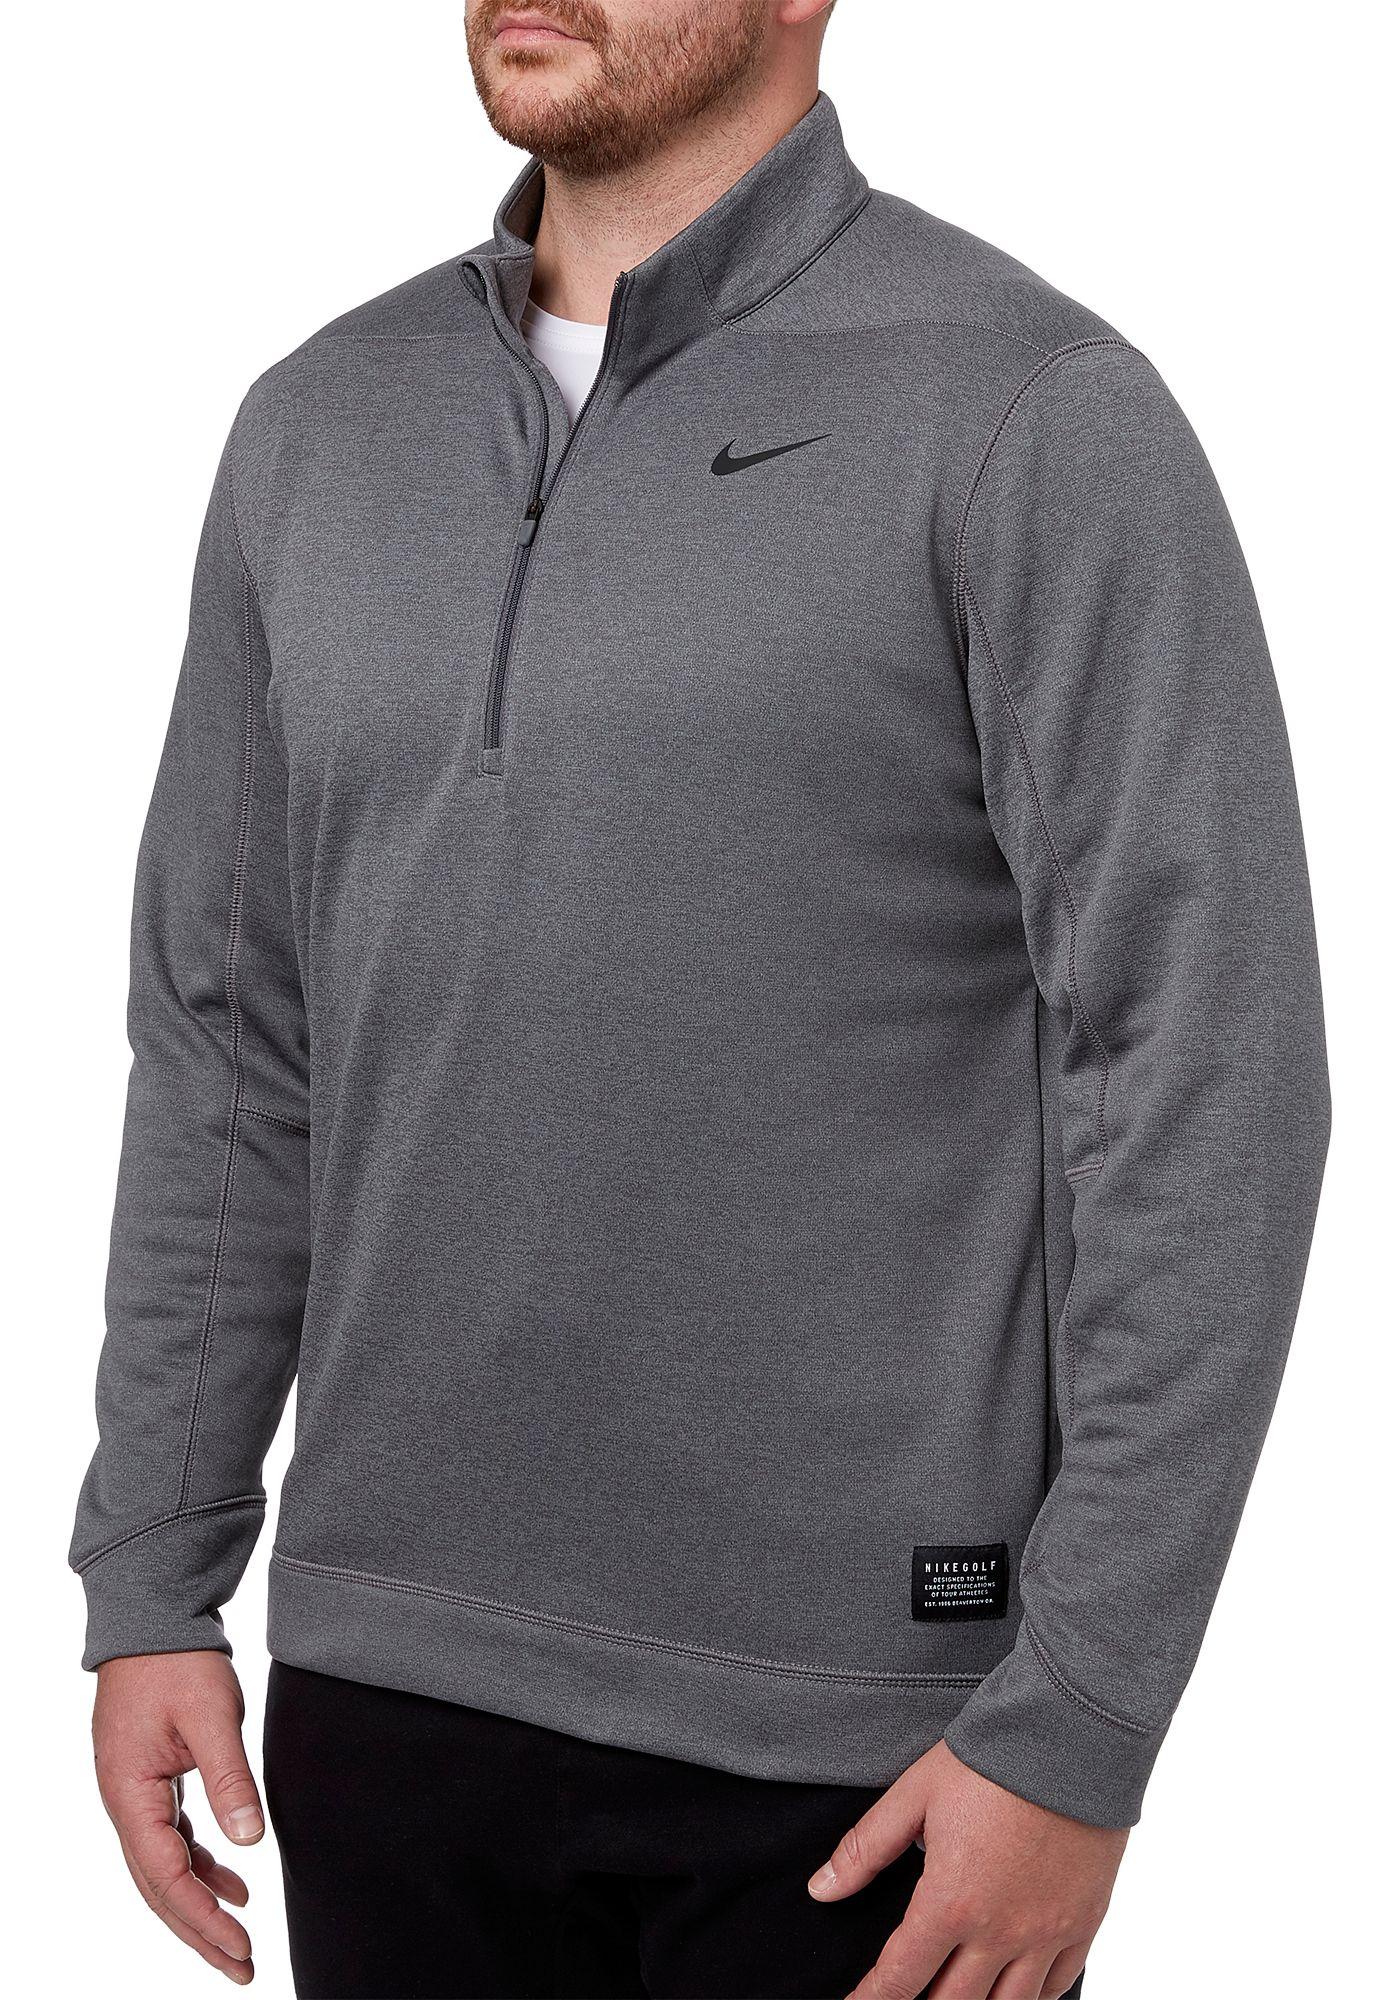 Nike Men's Therma Repel Golf ½ Zip